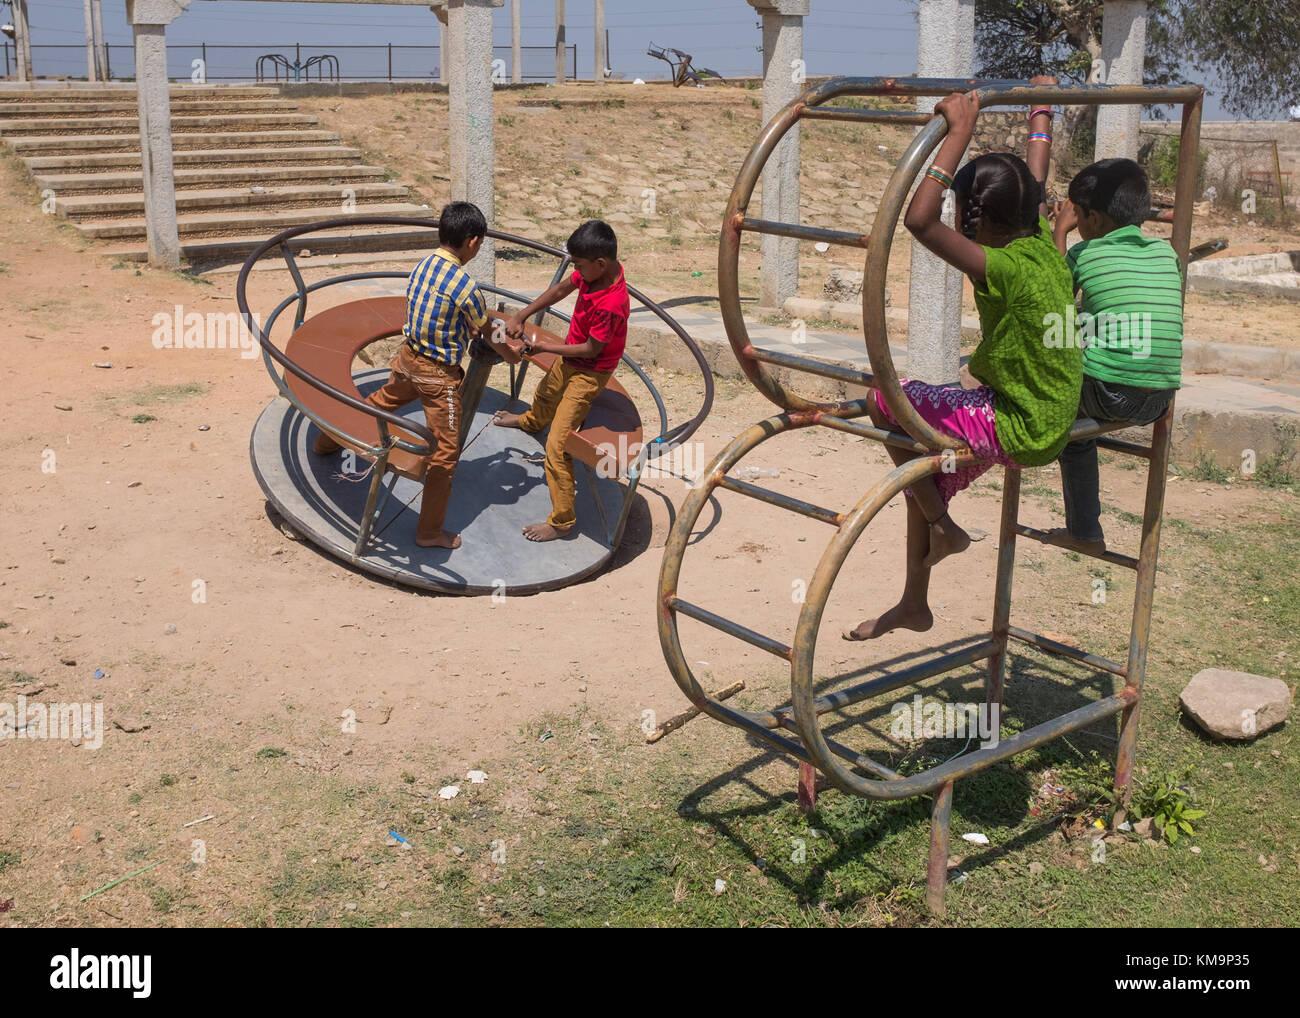 Children in playground, Mysore, Karnataka, India. - Stock Image